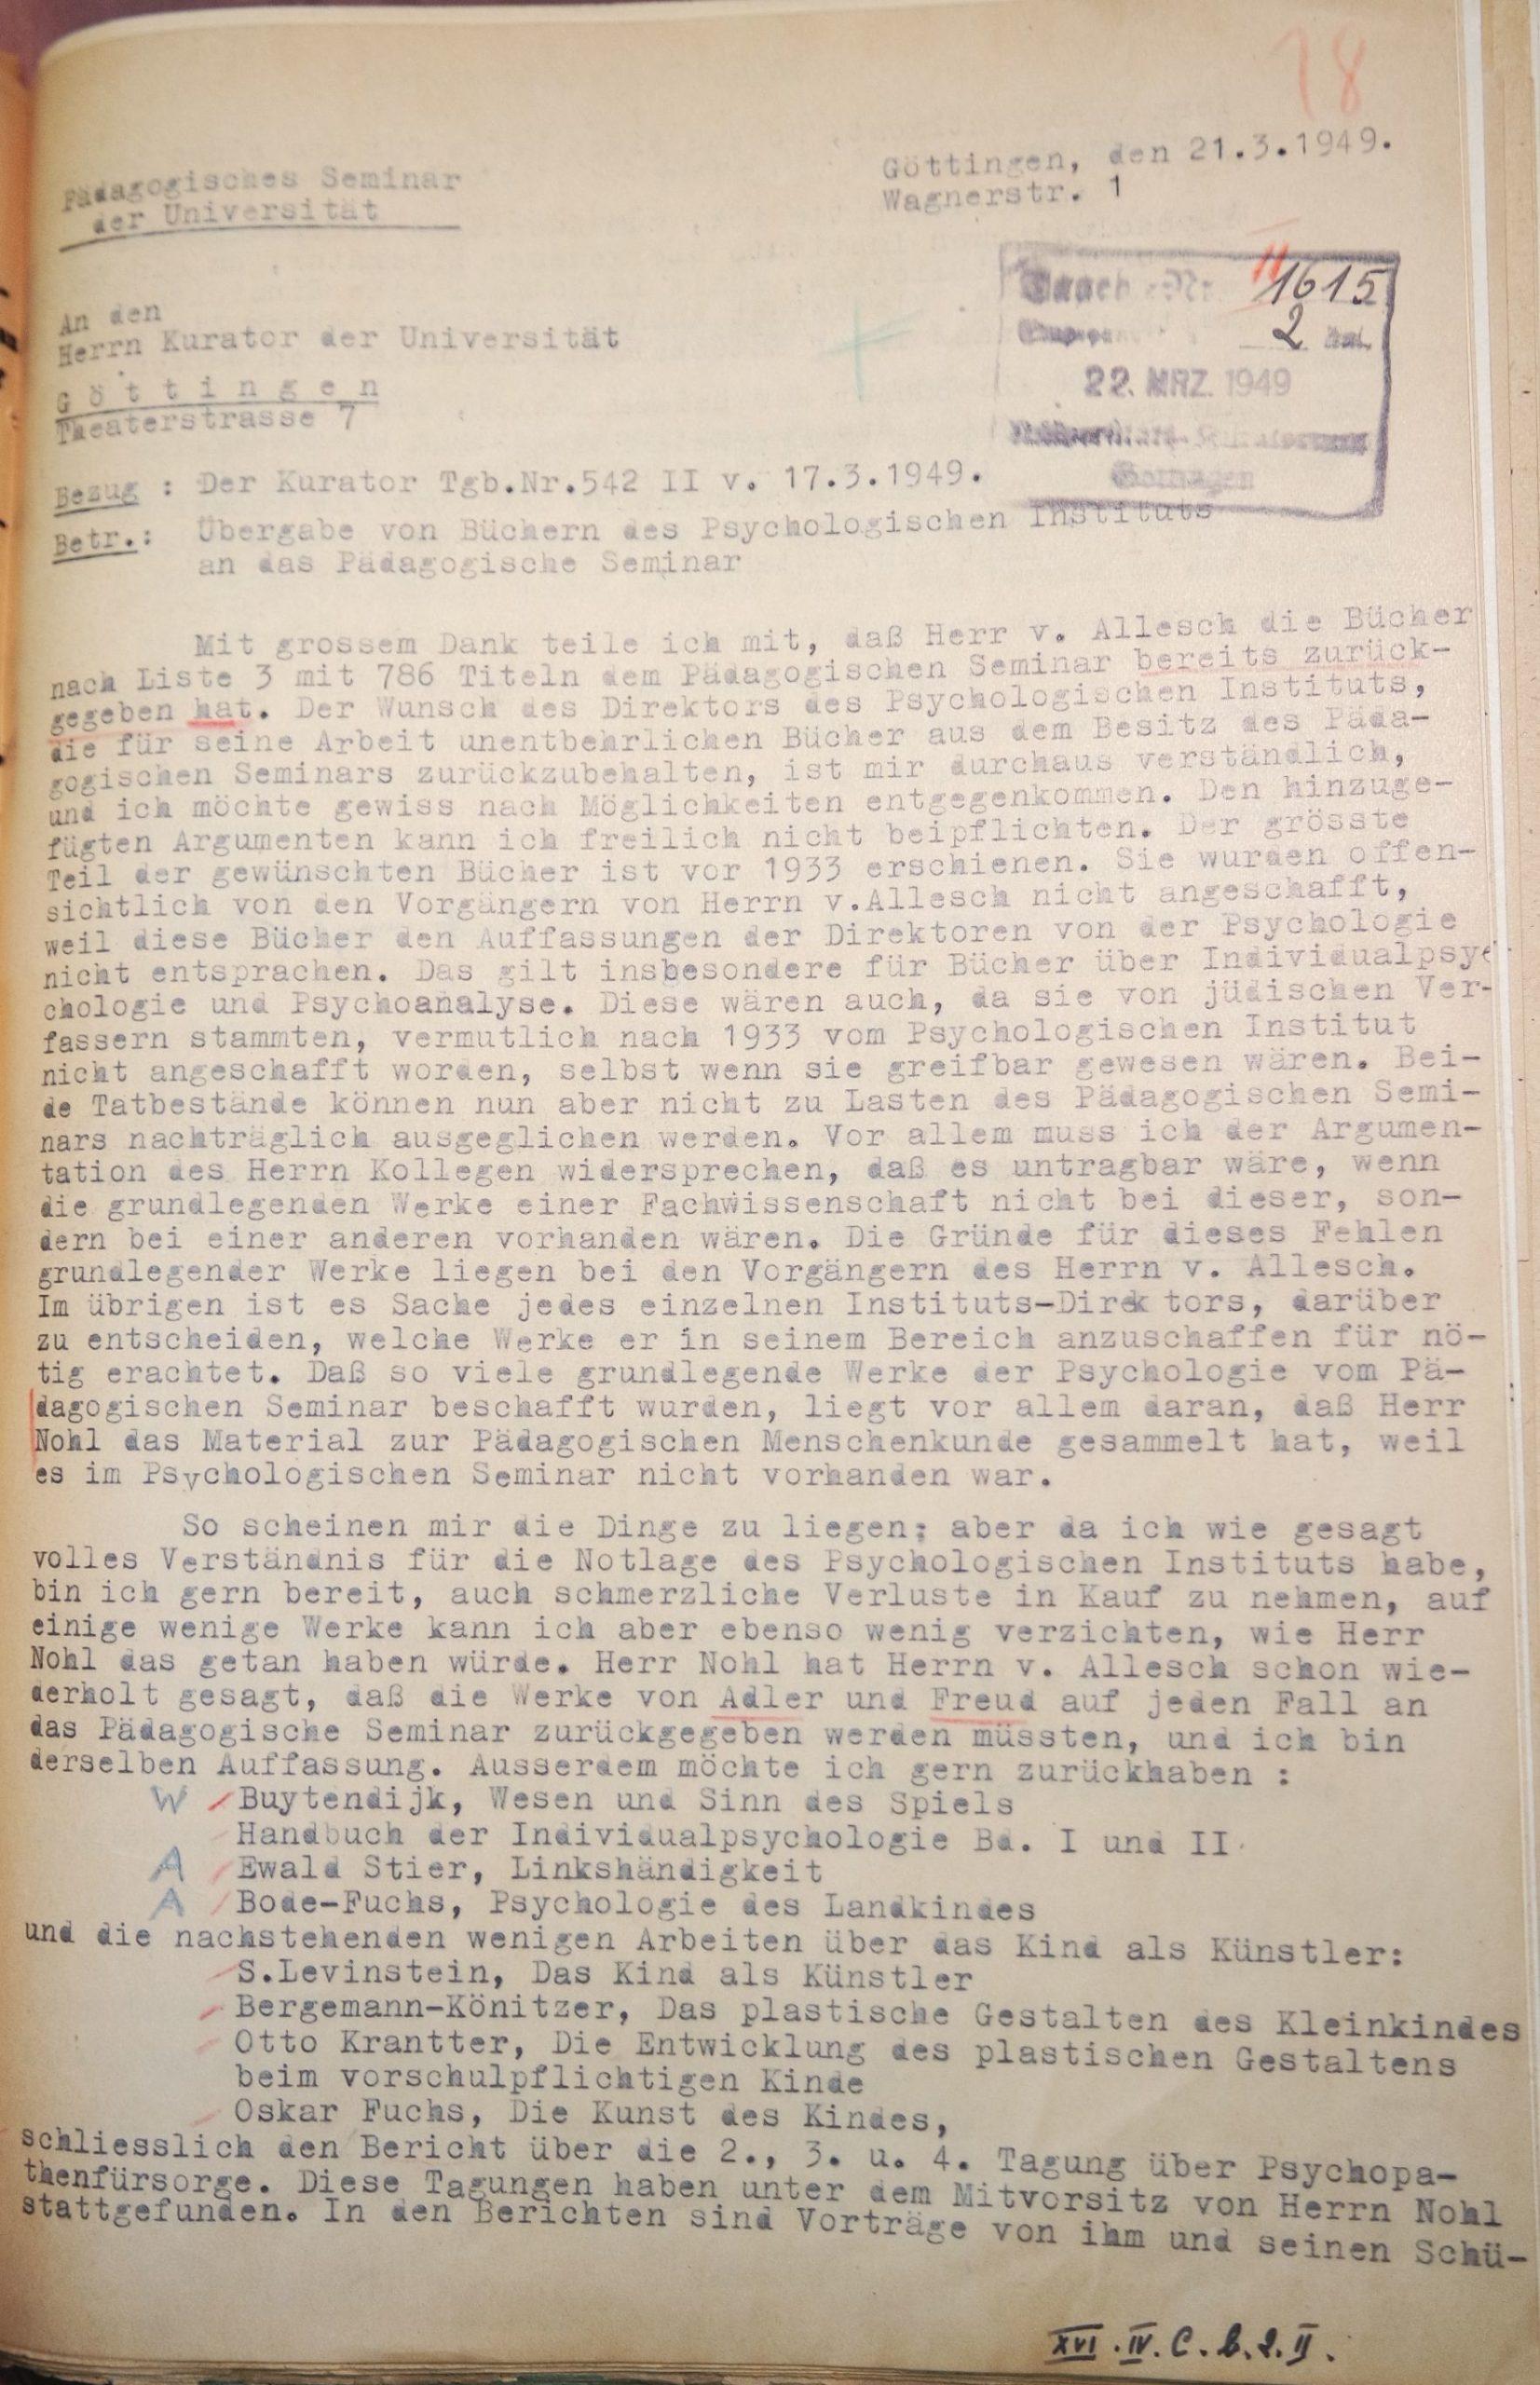 Brief Erich Wenigers vom 21.03.1949 an den Kurator der Universität, betreffend die Übergabe der Bücher des Psychologischen Instituts, Seite 1. Quelle: Universitätsarchiv Göttingen, Kur. 1264, 18 (VS).